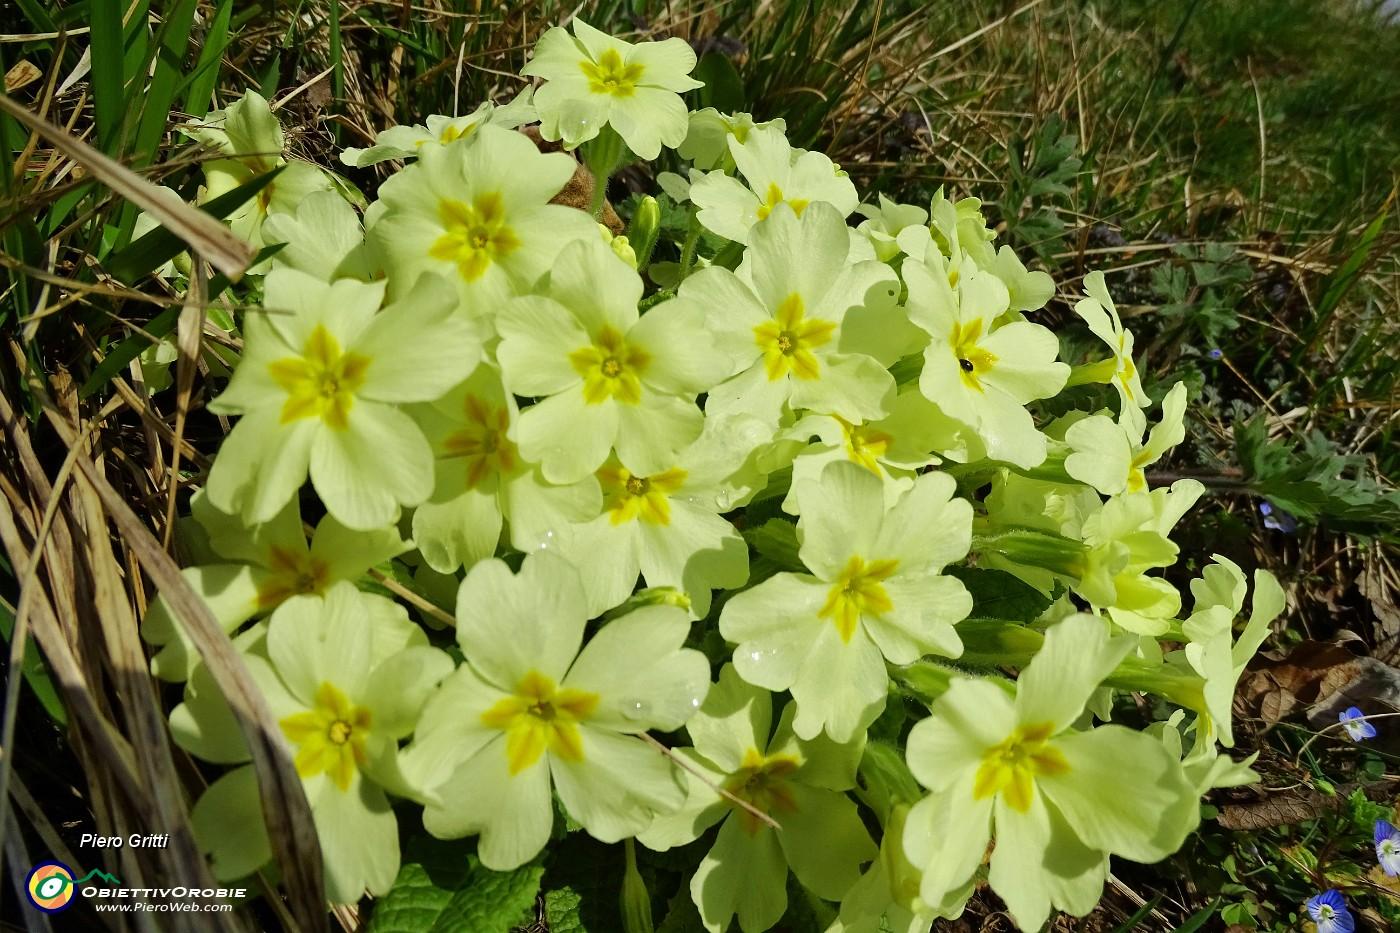 Primavera d 39 intorno brilla nell 39 aria 30 primule gialle for Primule immagini